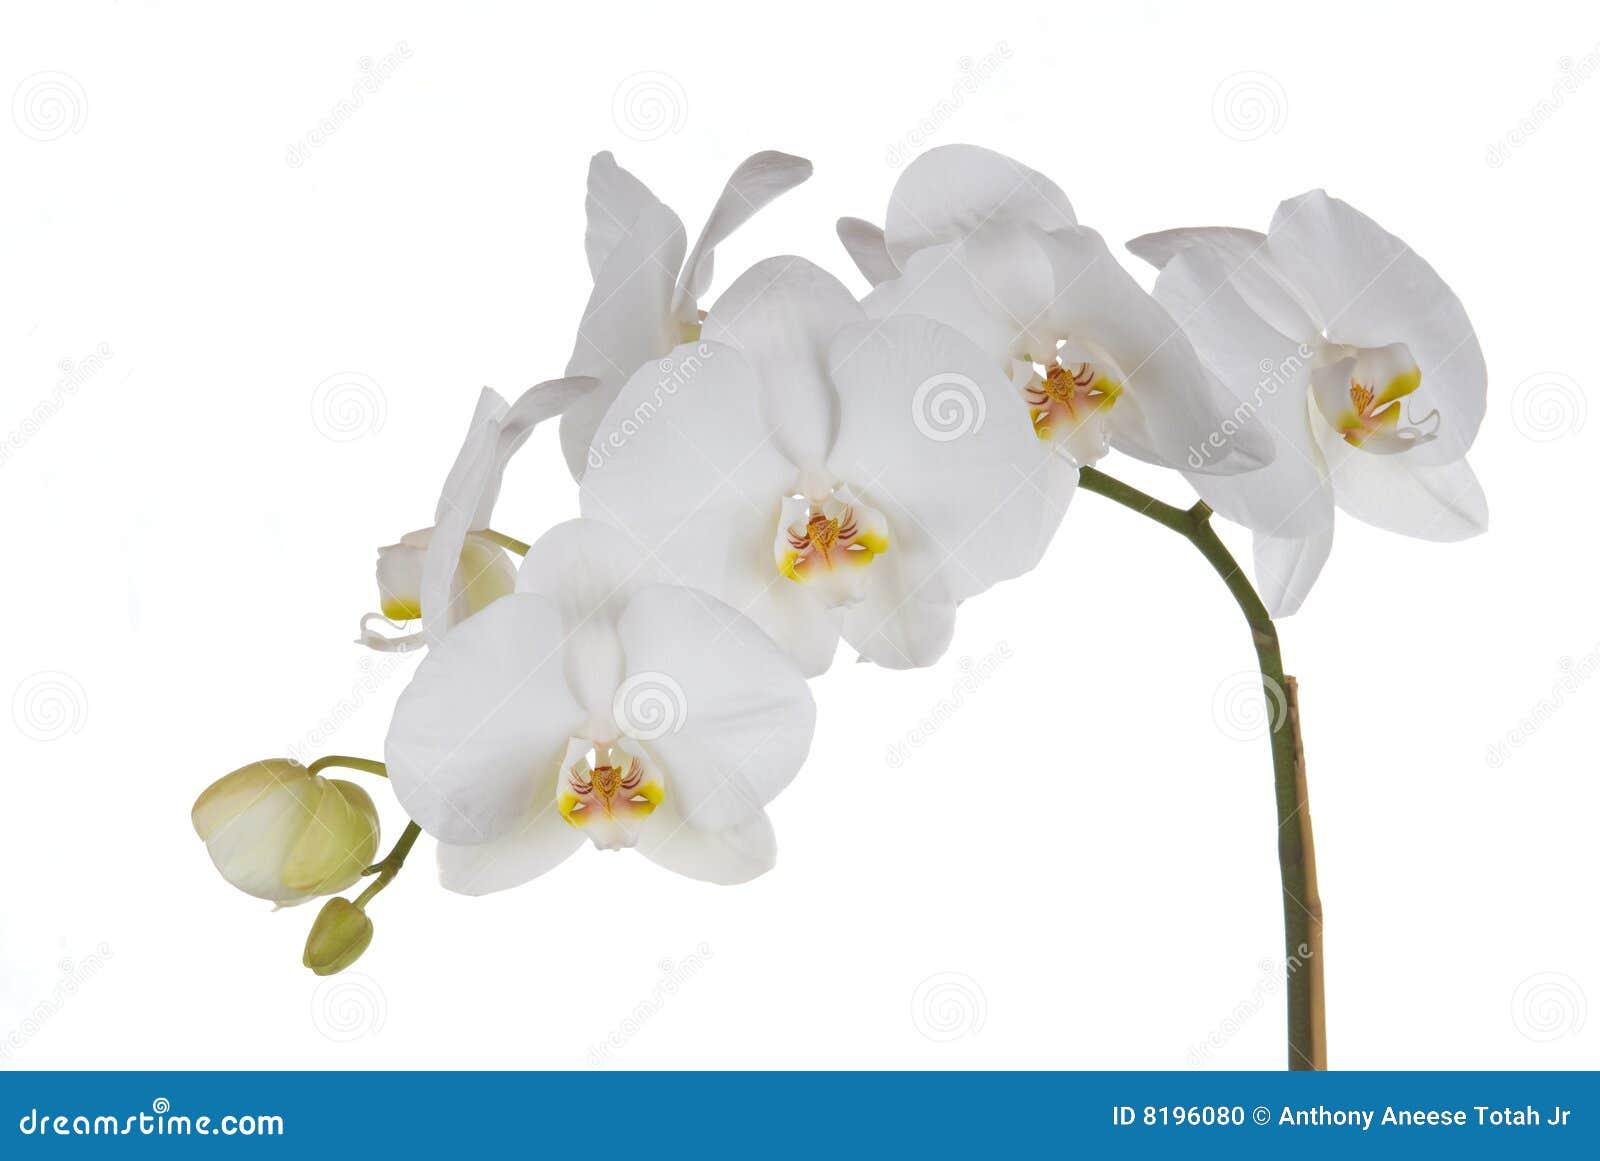 Открытки с орхидеями